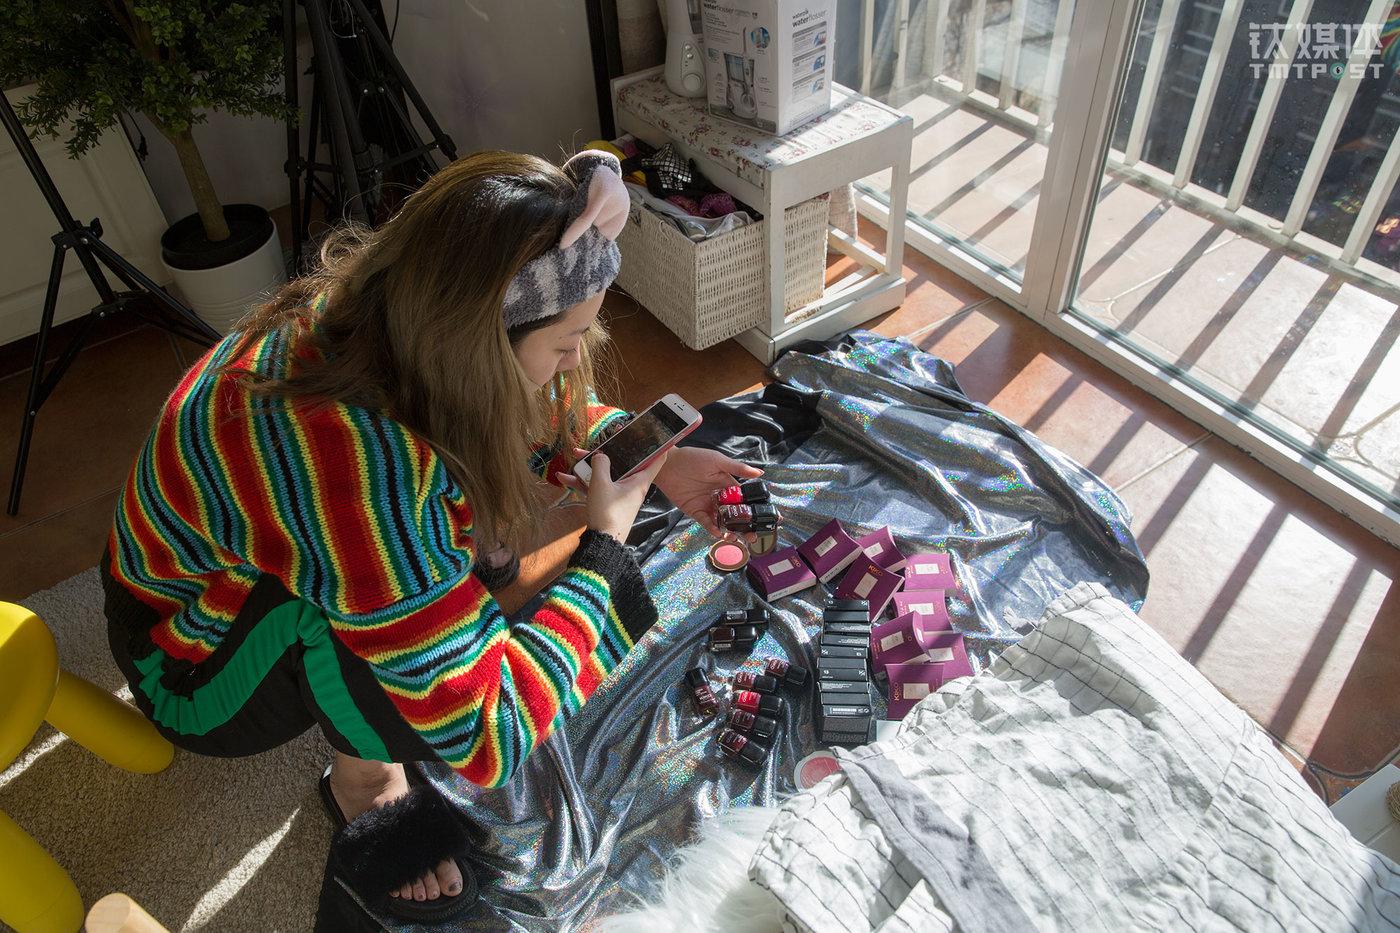 魏莫斯在清点为粉丝准备的礼物。她的粉丝大都是喜欢美妆的女性,她在微博做粉丝福利活动,送出的福利也都以品牌化妆品为主。